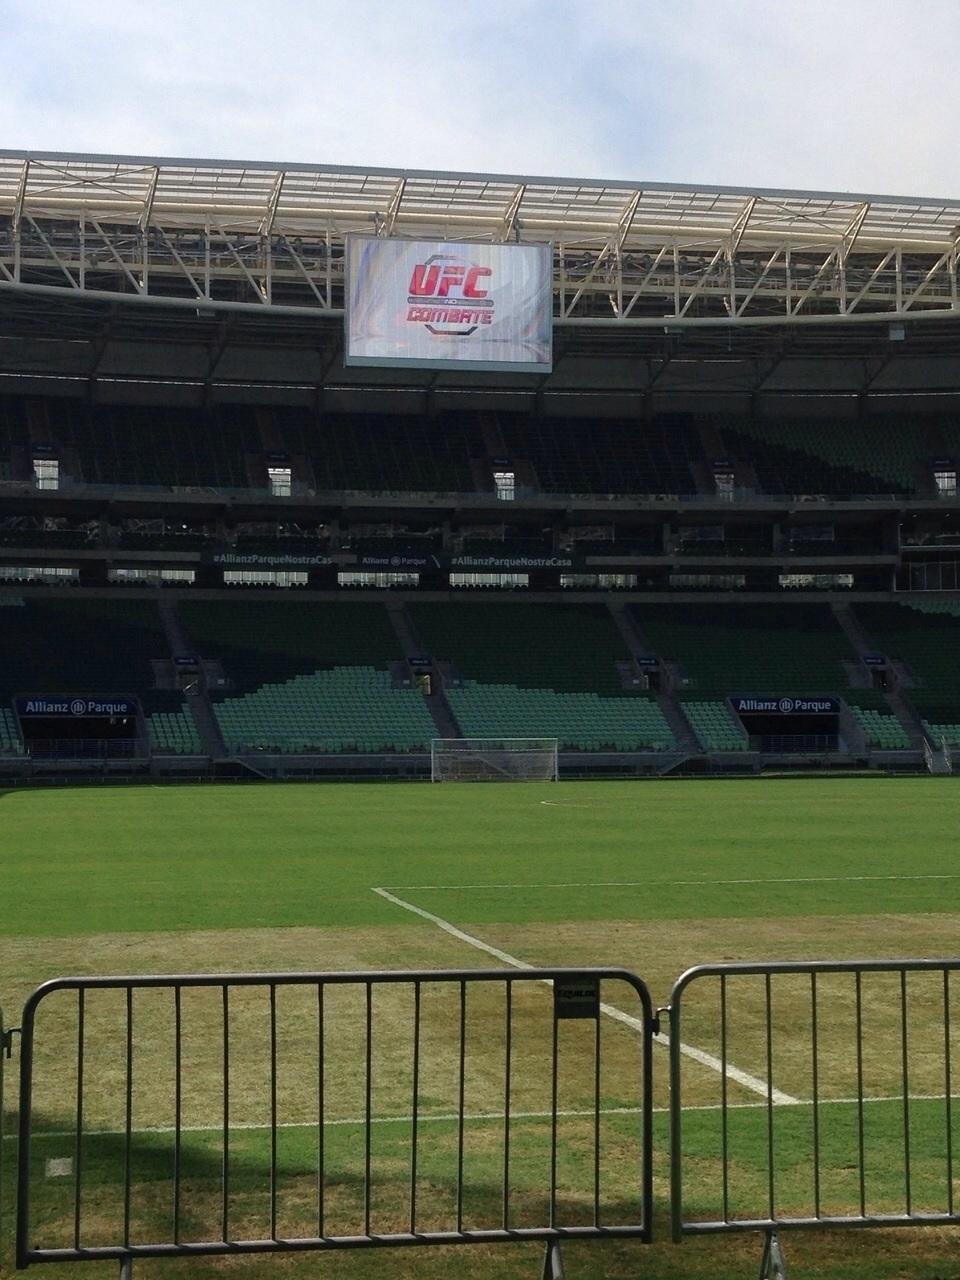 Estádio do Palmeiras, Allianz Parque, recebeu um treino aberto do UFC nesta quinta-feira